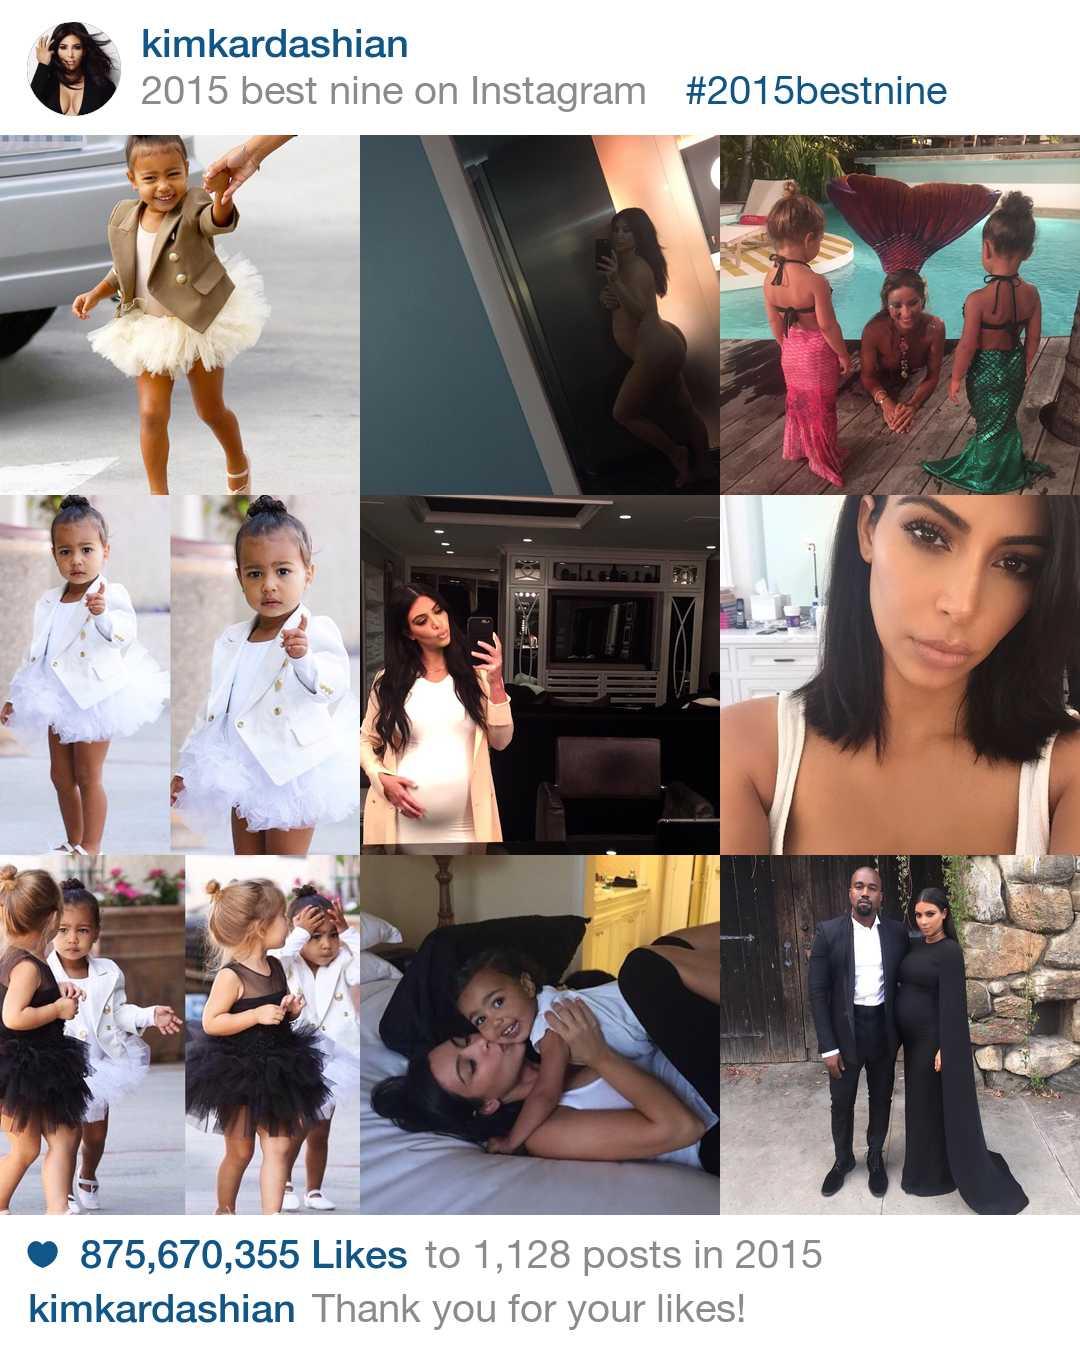 kimkardashian_full